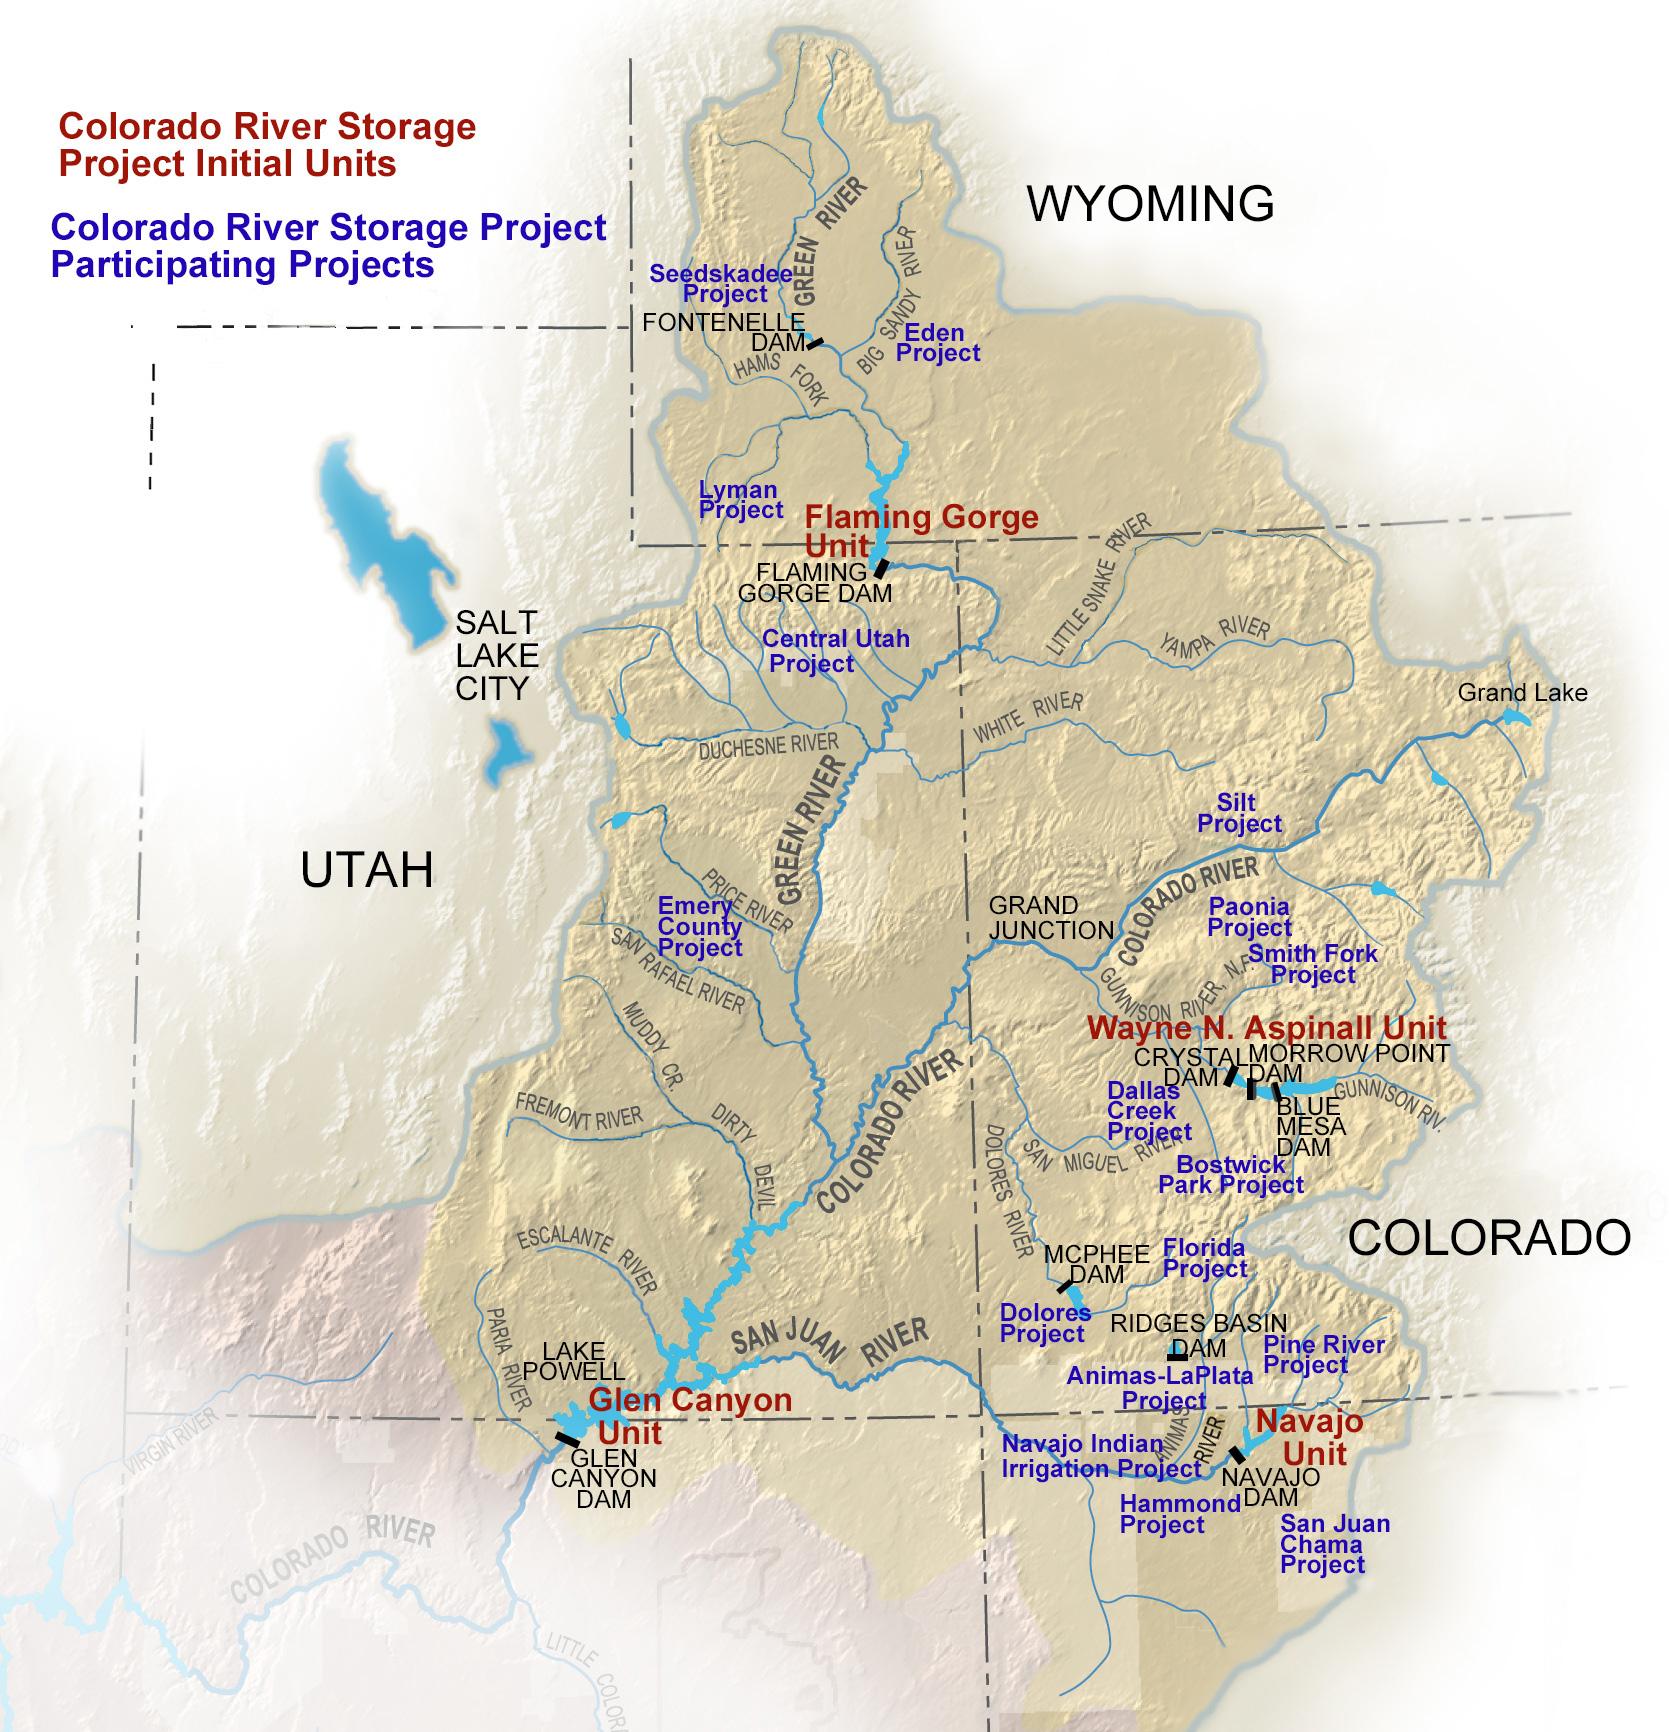 Colorado River Storage Project Uc Region Bureau Of Reclamation - Colorado River Map Texas